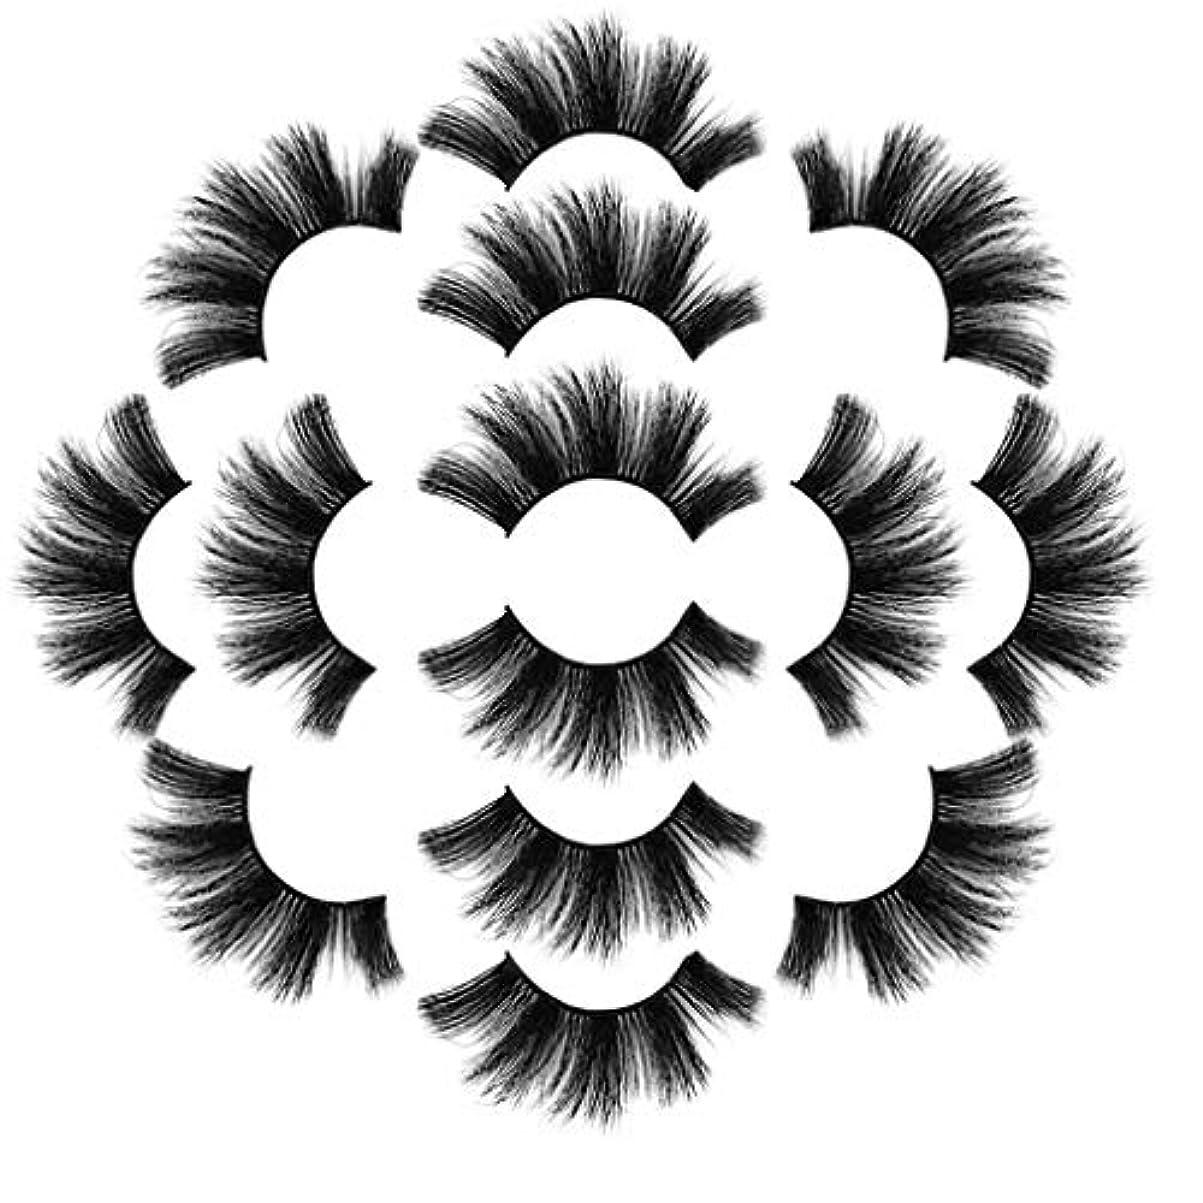 自慢スペクトラム舗装するラグジュアリー7ペア8Dつけまつげふわふわストリップまつげロングナチュラルパーティーメイク